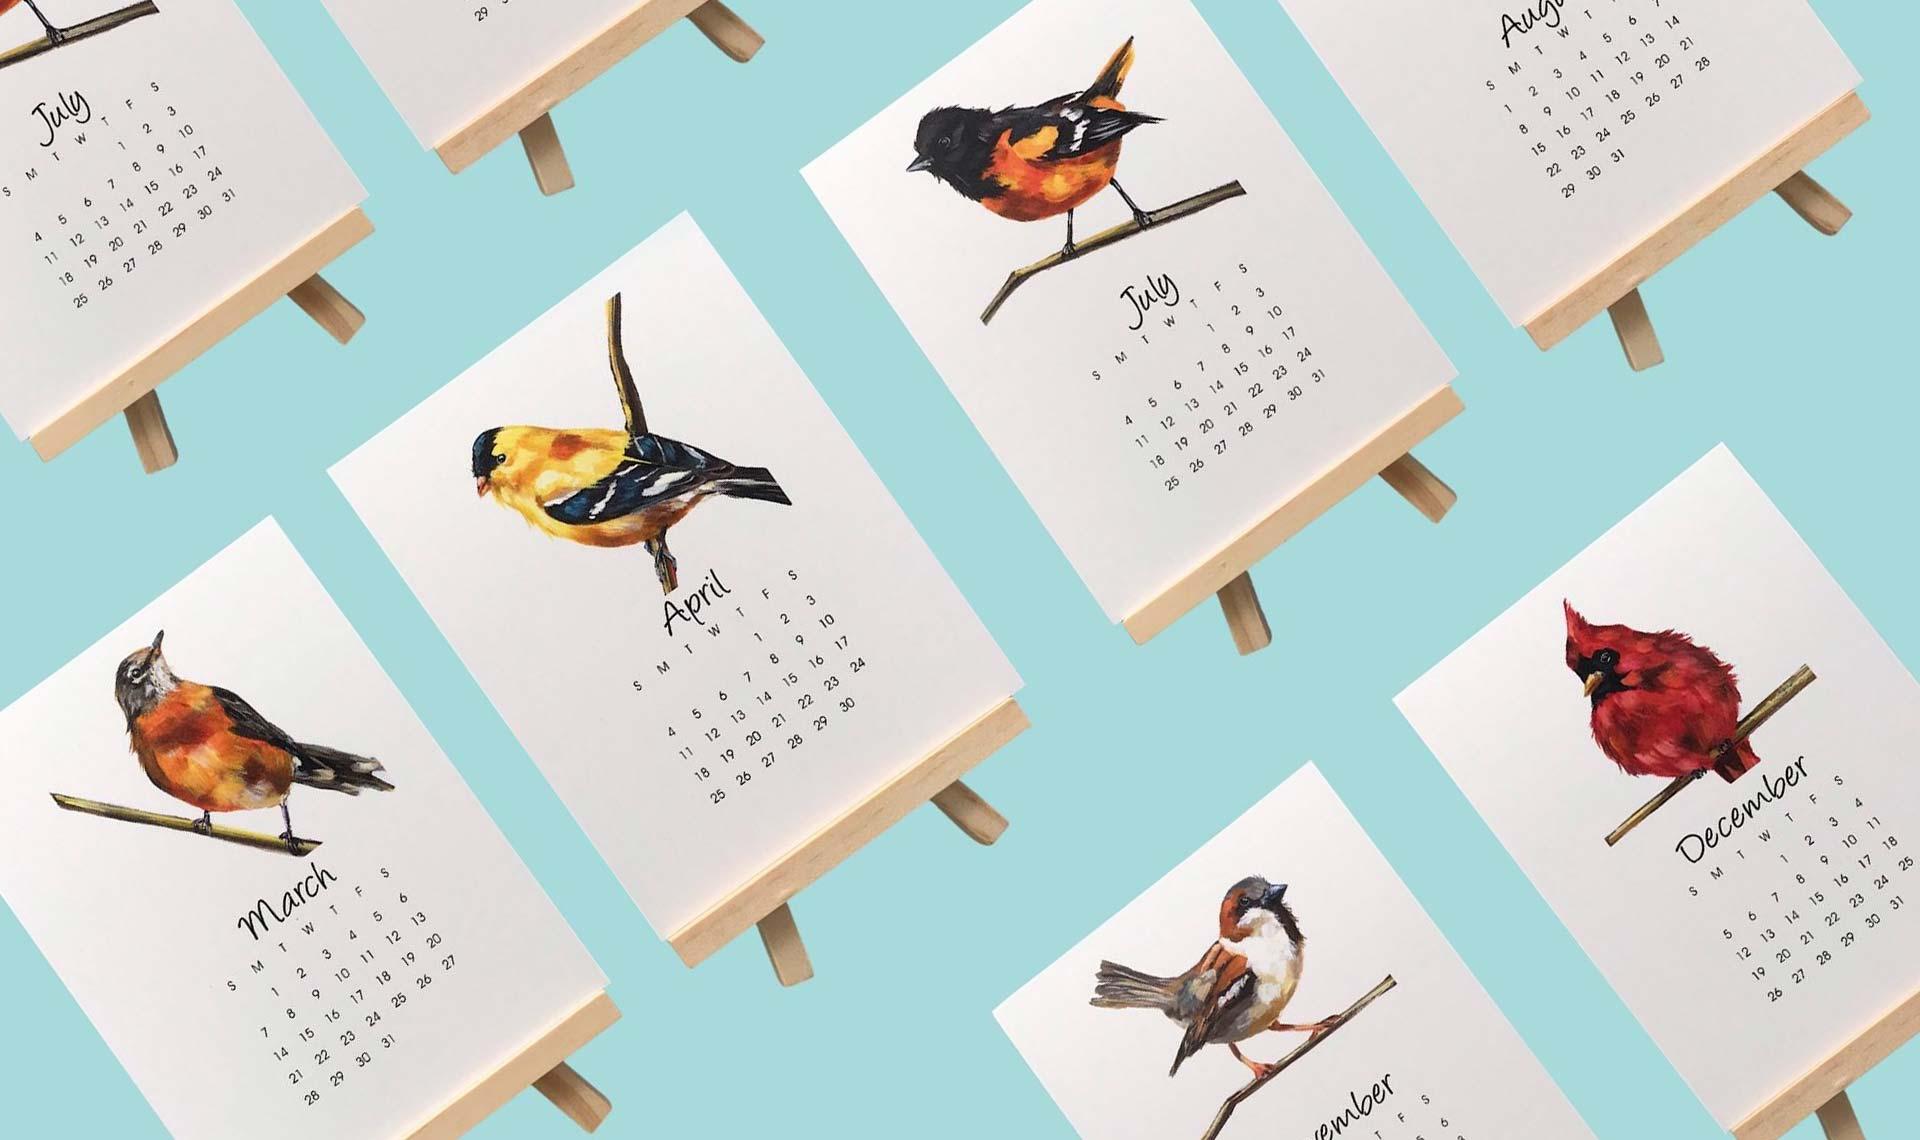 дизайн настольных календарей мольбертов